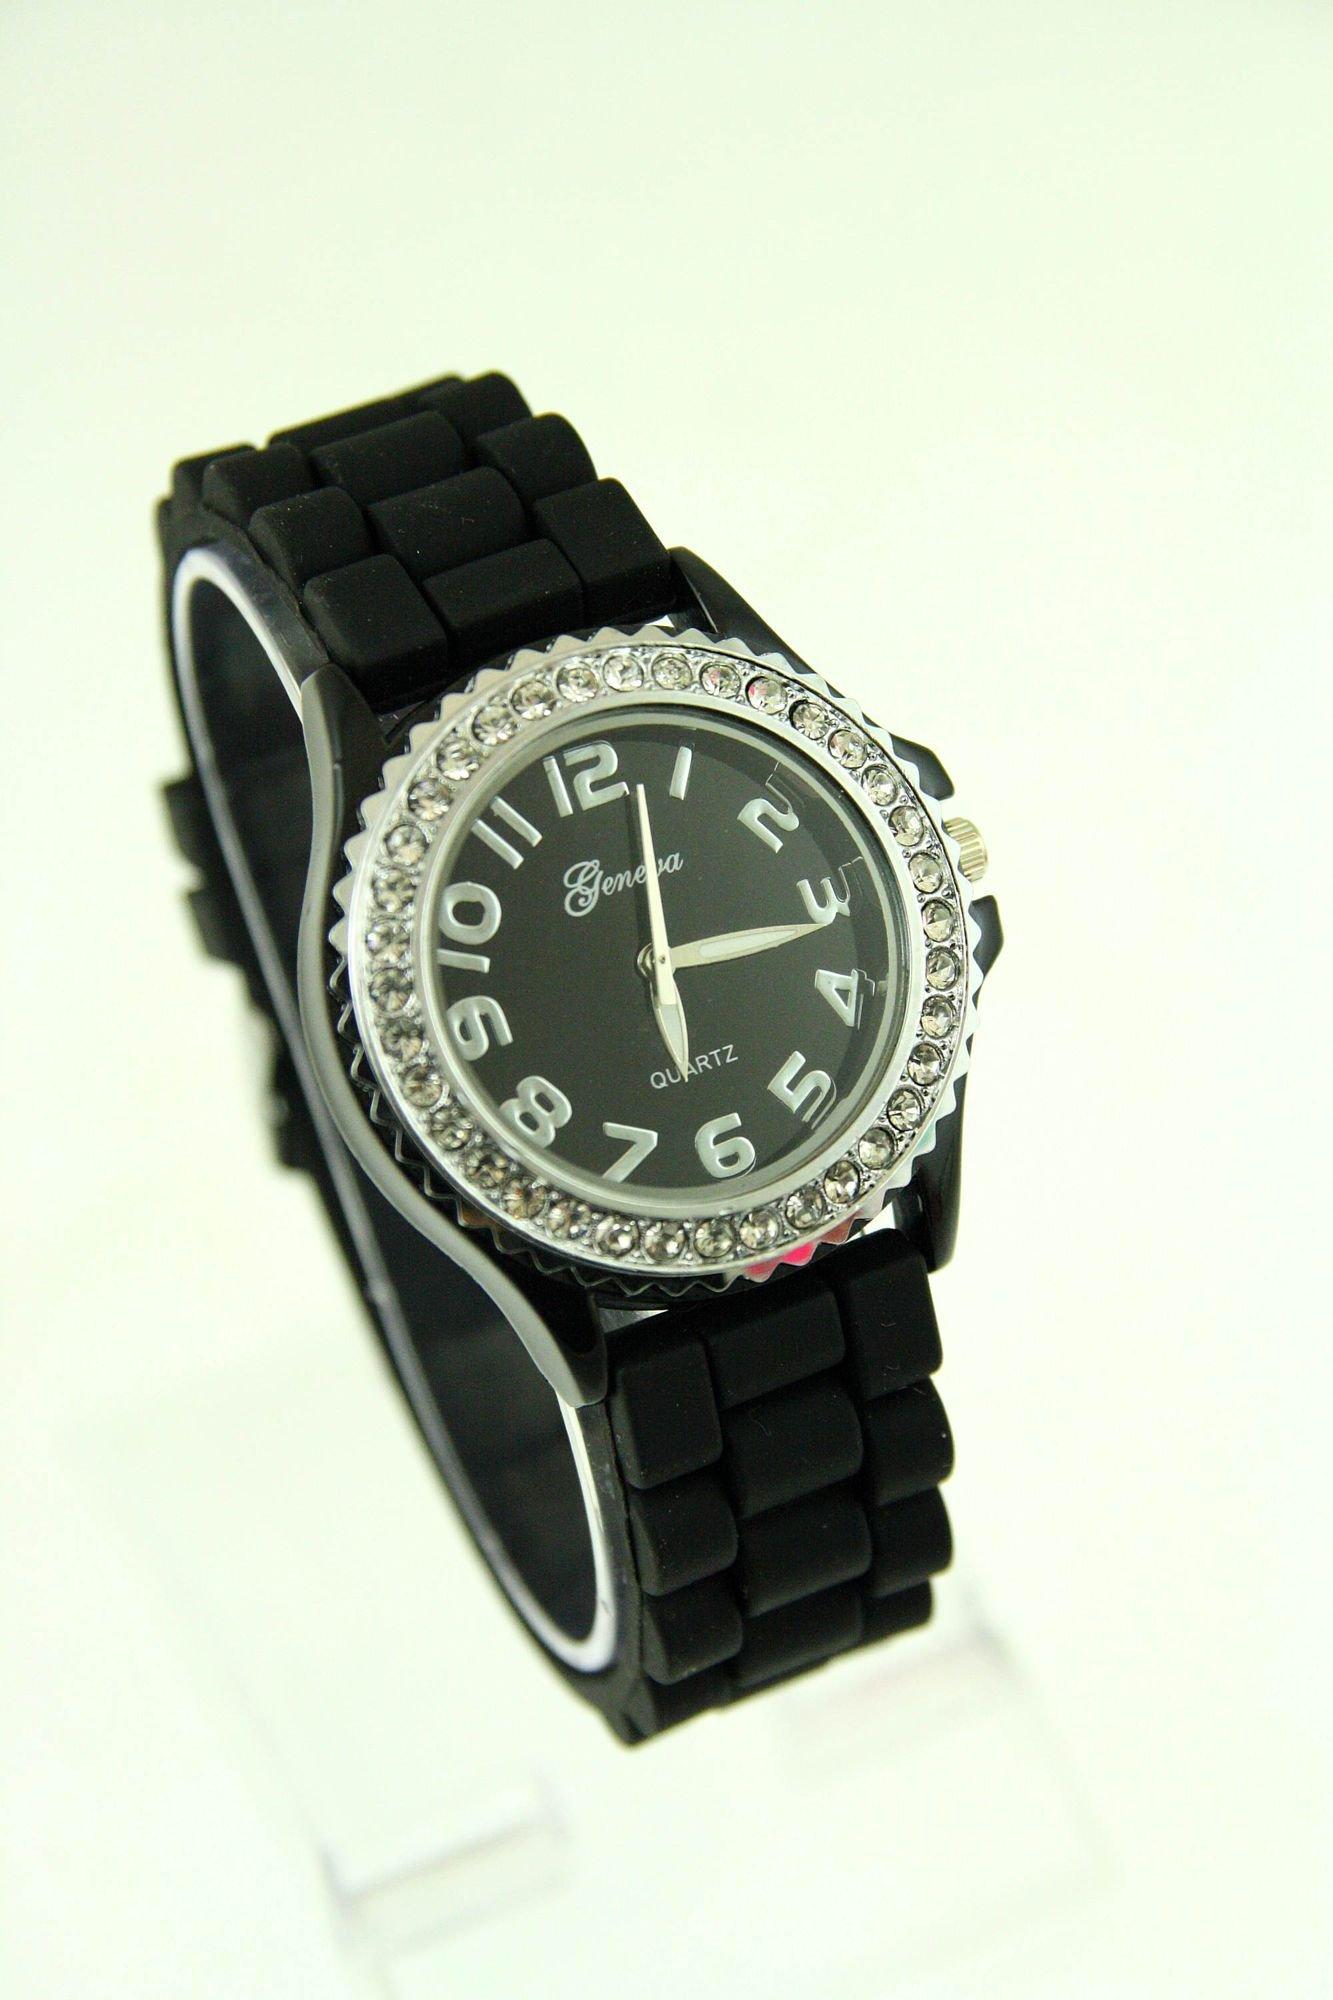 Czarny zegarek damski na silikonowym pasku                                  zdj.                                  1